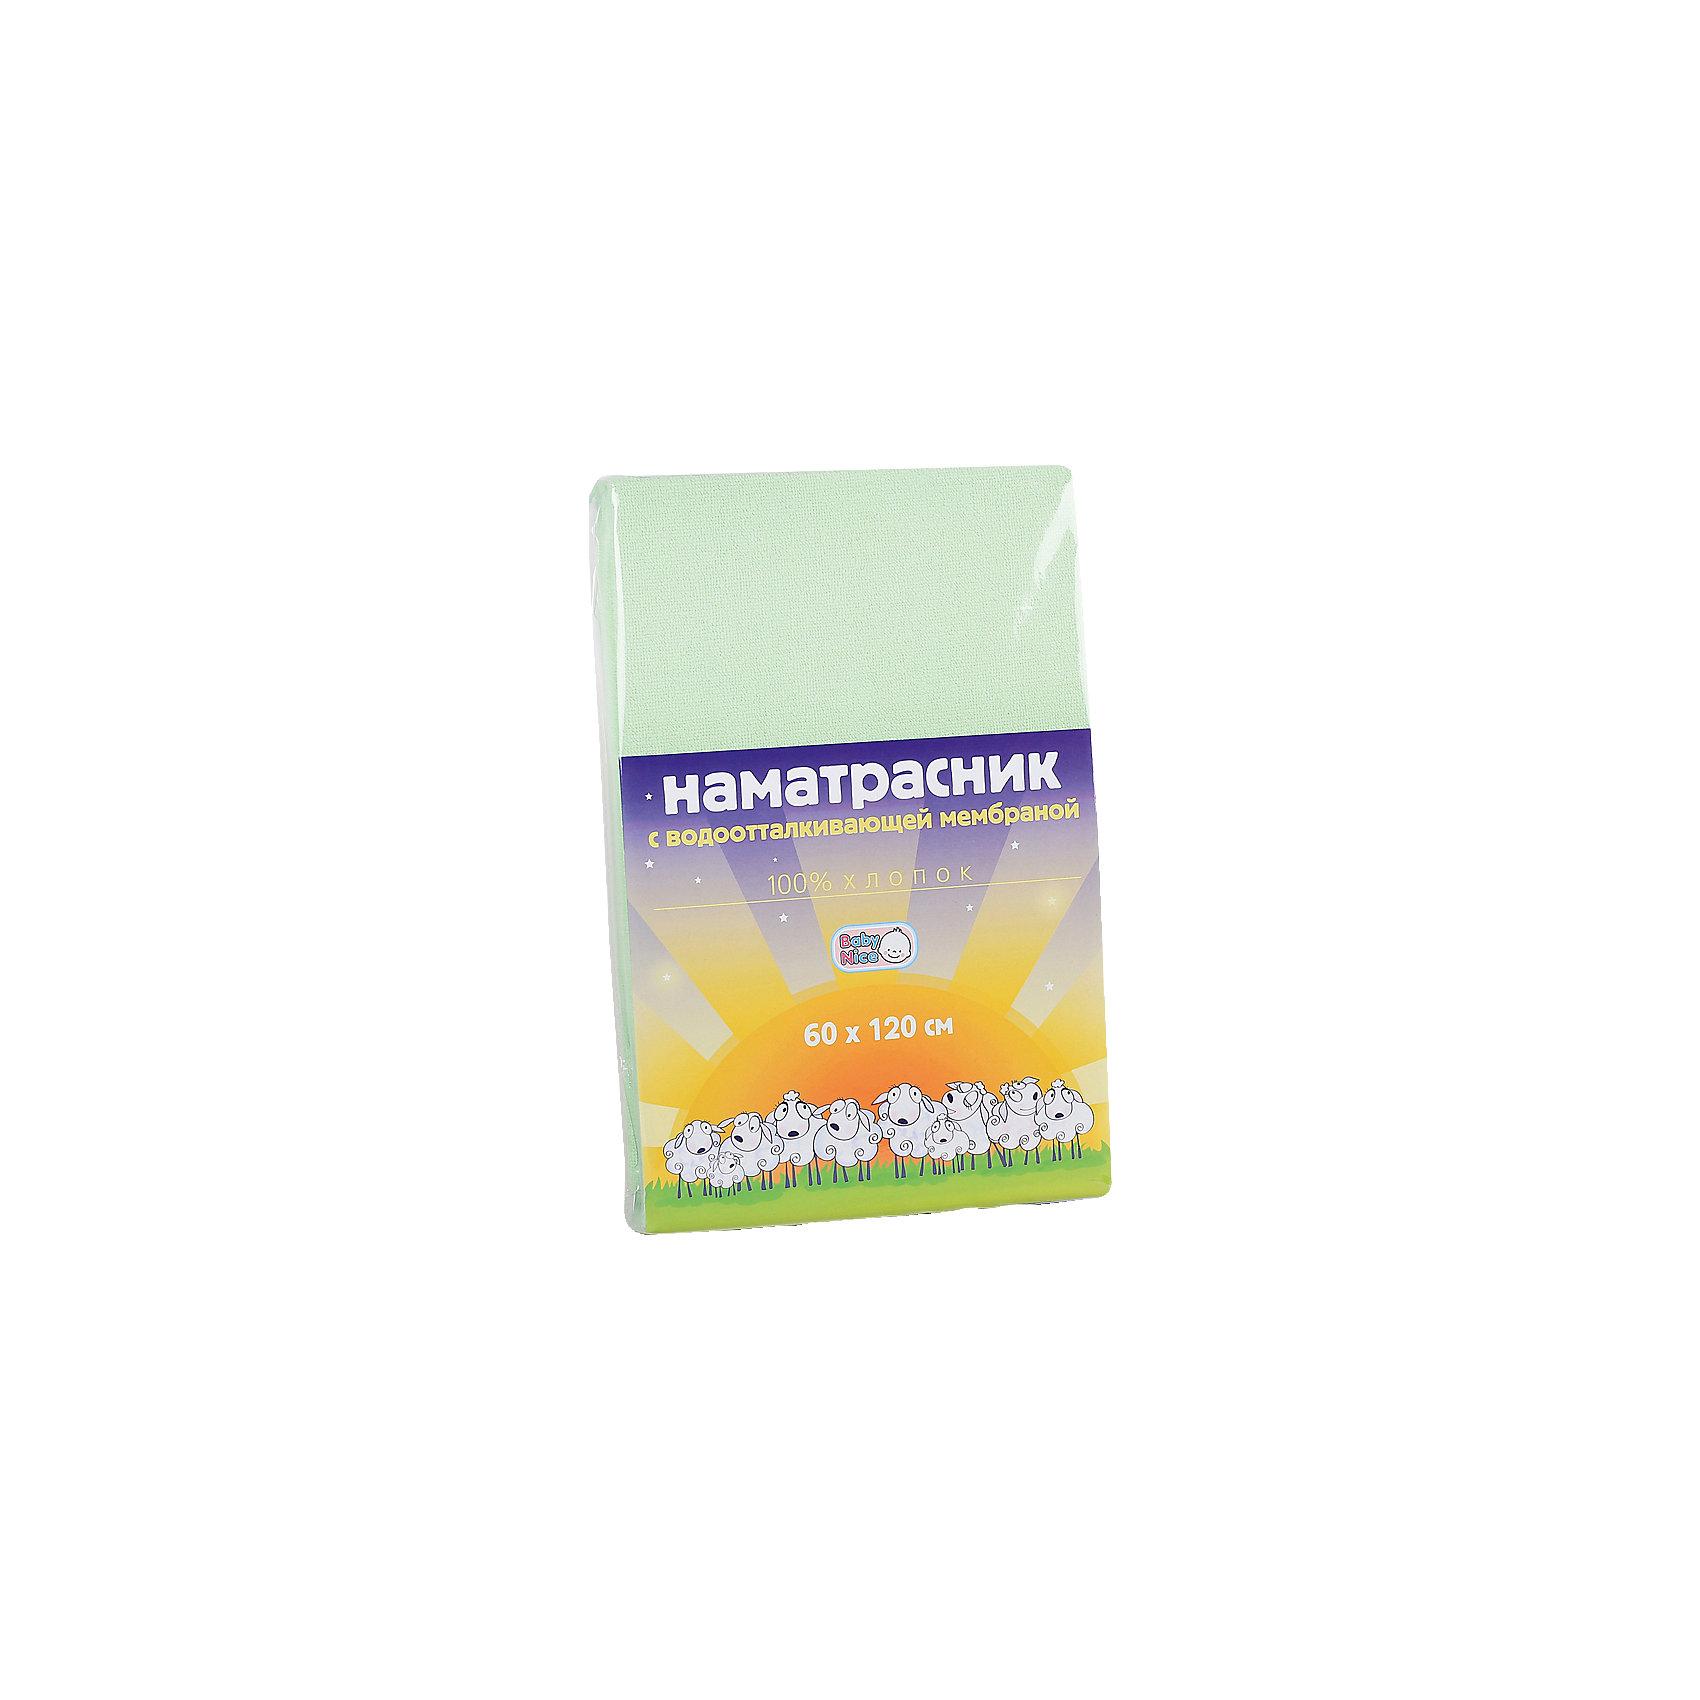 Наматрасник на резинке махровый, 60х120 см, Baby Nice, салатовый1 предмет<br>Дополнительная информация:<br><br>Состав: верх махра 100%, низ 100 пвх. <br>Размер 60х120 см. <br>Удобно фиксируется благодаря резинкам, и защищает матрас.<br>Вес в упаковке: 500 г.<br>Размер упаковки: 250 х 200 х 50 мм.<br><br>Наматрасник на резинке махровый, салатовый можно купить в нашем магазине.<br><br>Ширина мм: 250<br>Глубина мм: 200<br>Высота мм: 50<br>Вес г: 500<br>Возраст от месяцев: 0<br>Возраст до месяцев: 12<br>Пол: Унисекс<br>Возраст: Детский<br>SKU: 3788232